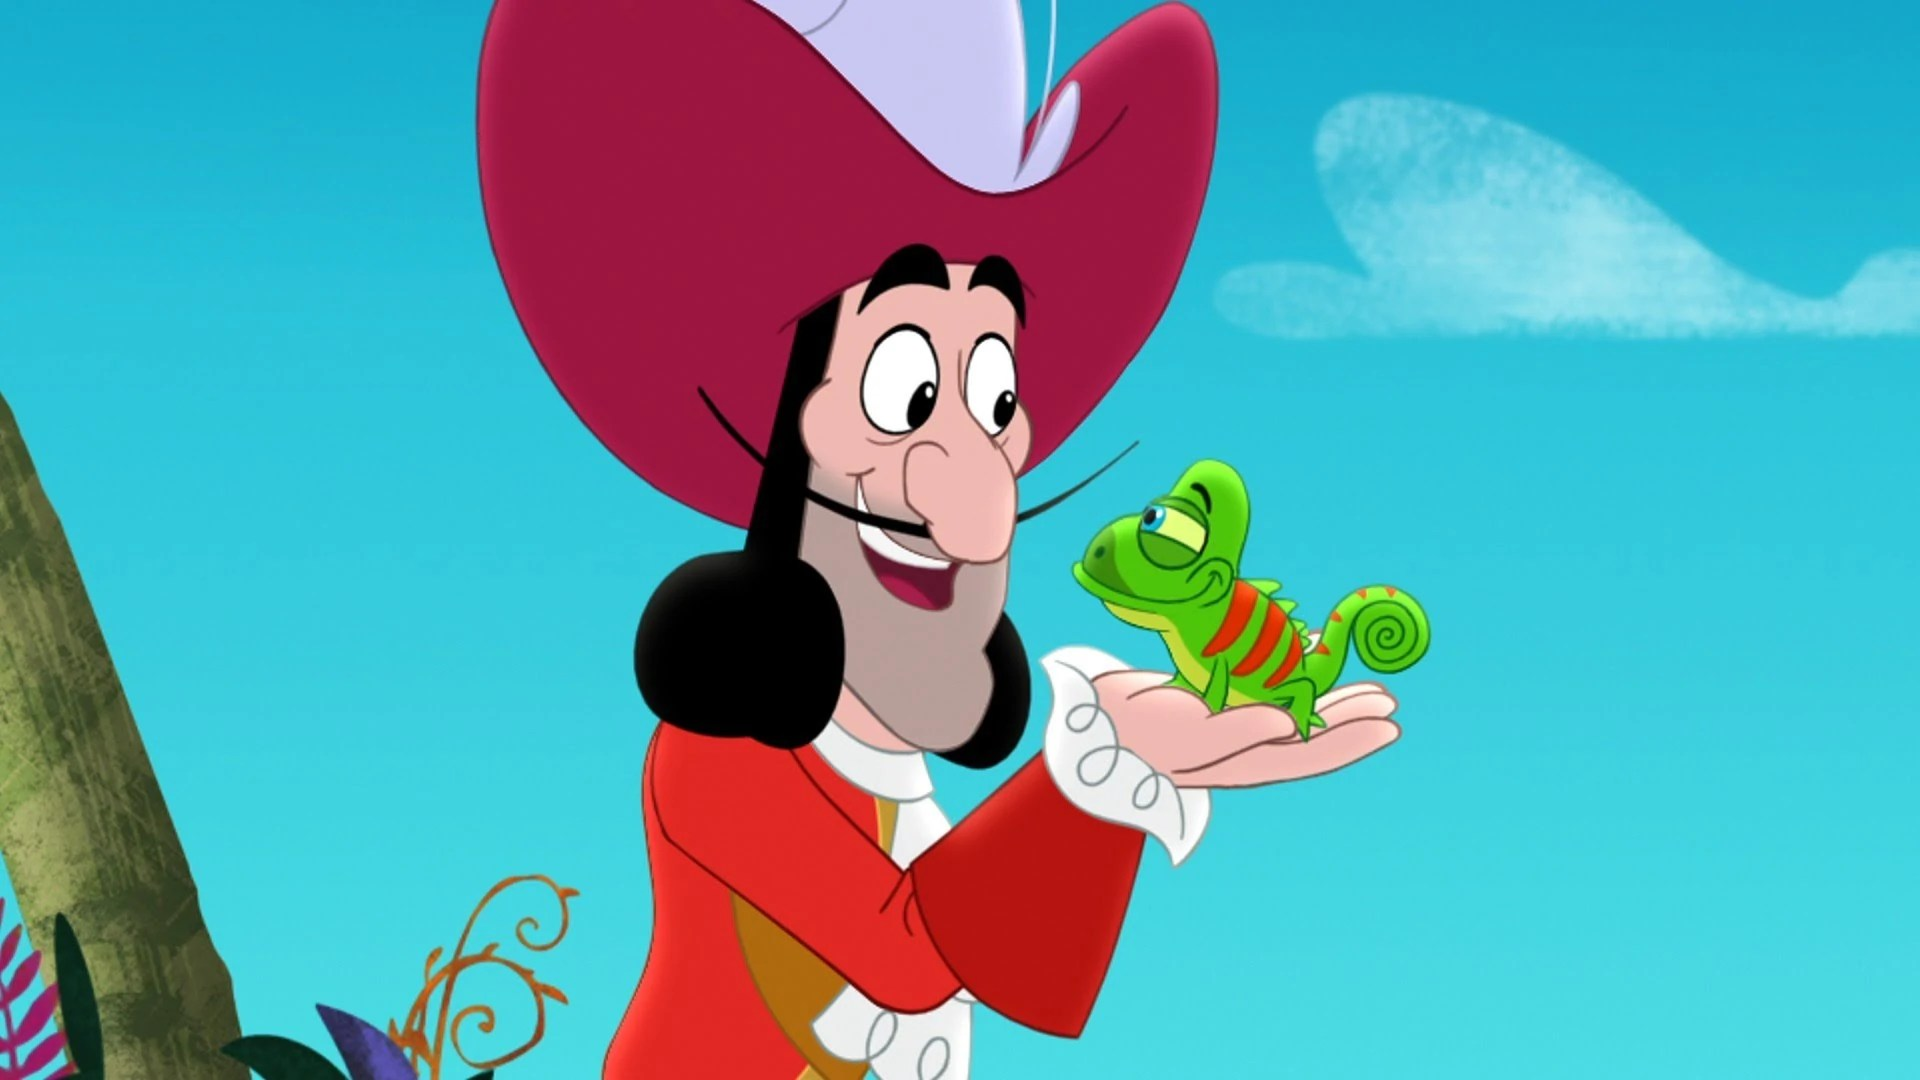 Hook&blinky-. Smee' Disney Wiki